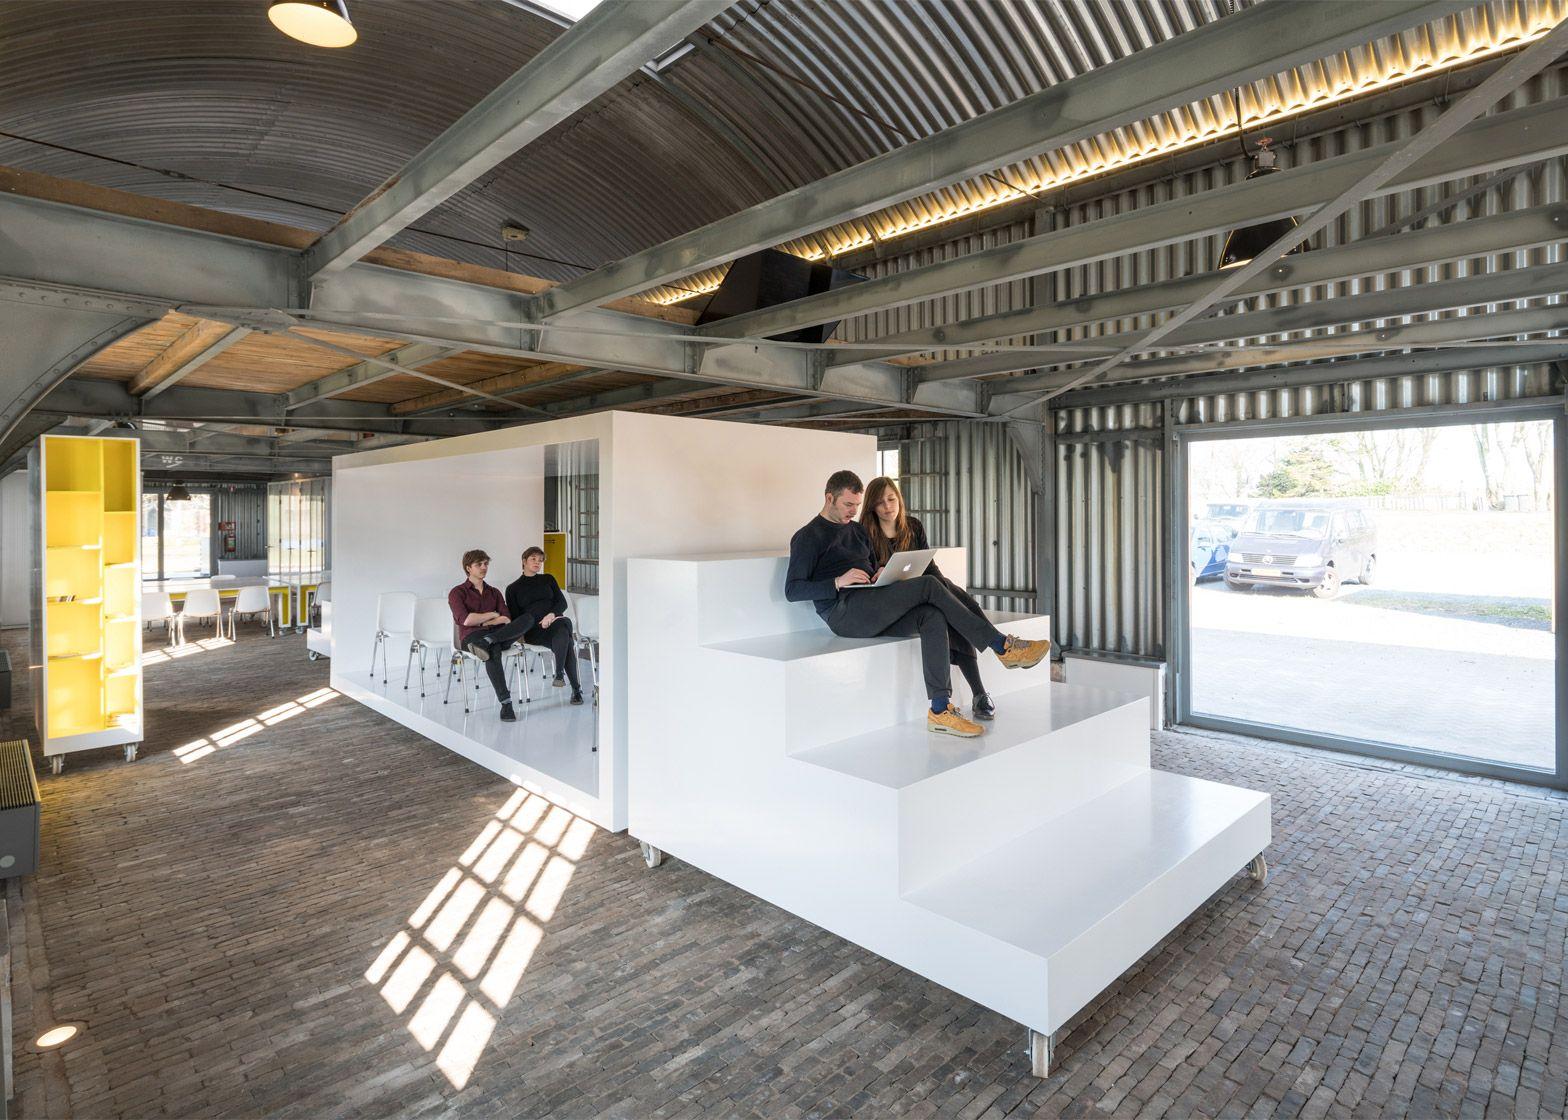 Mobile Furniture Provides Reconfigurable Interior For Arts Venue